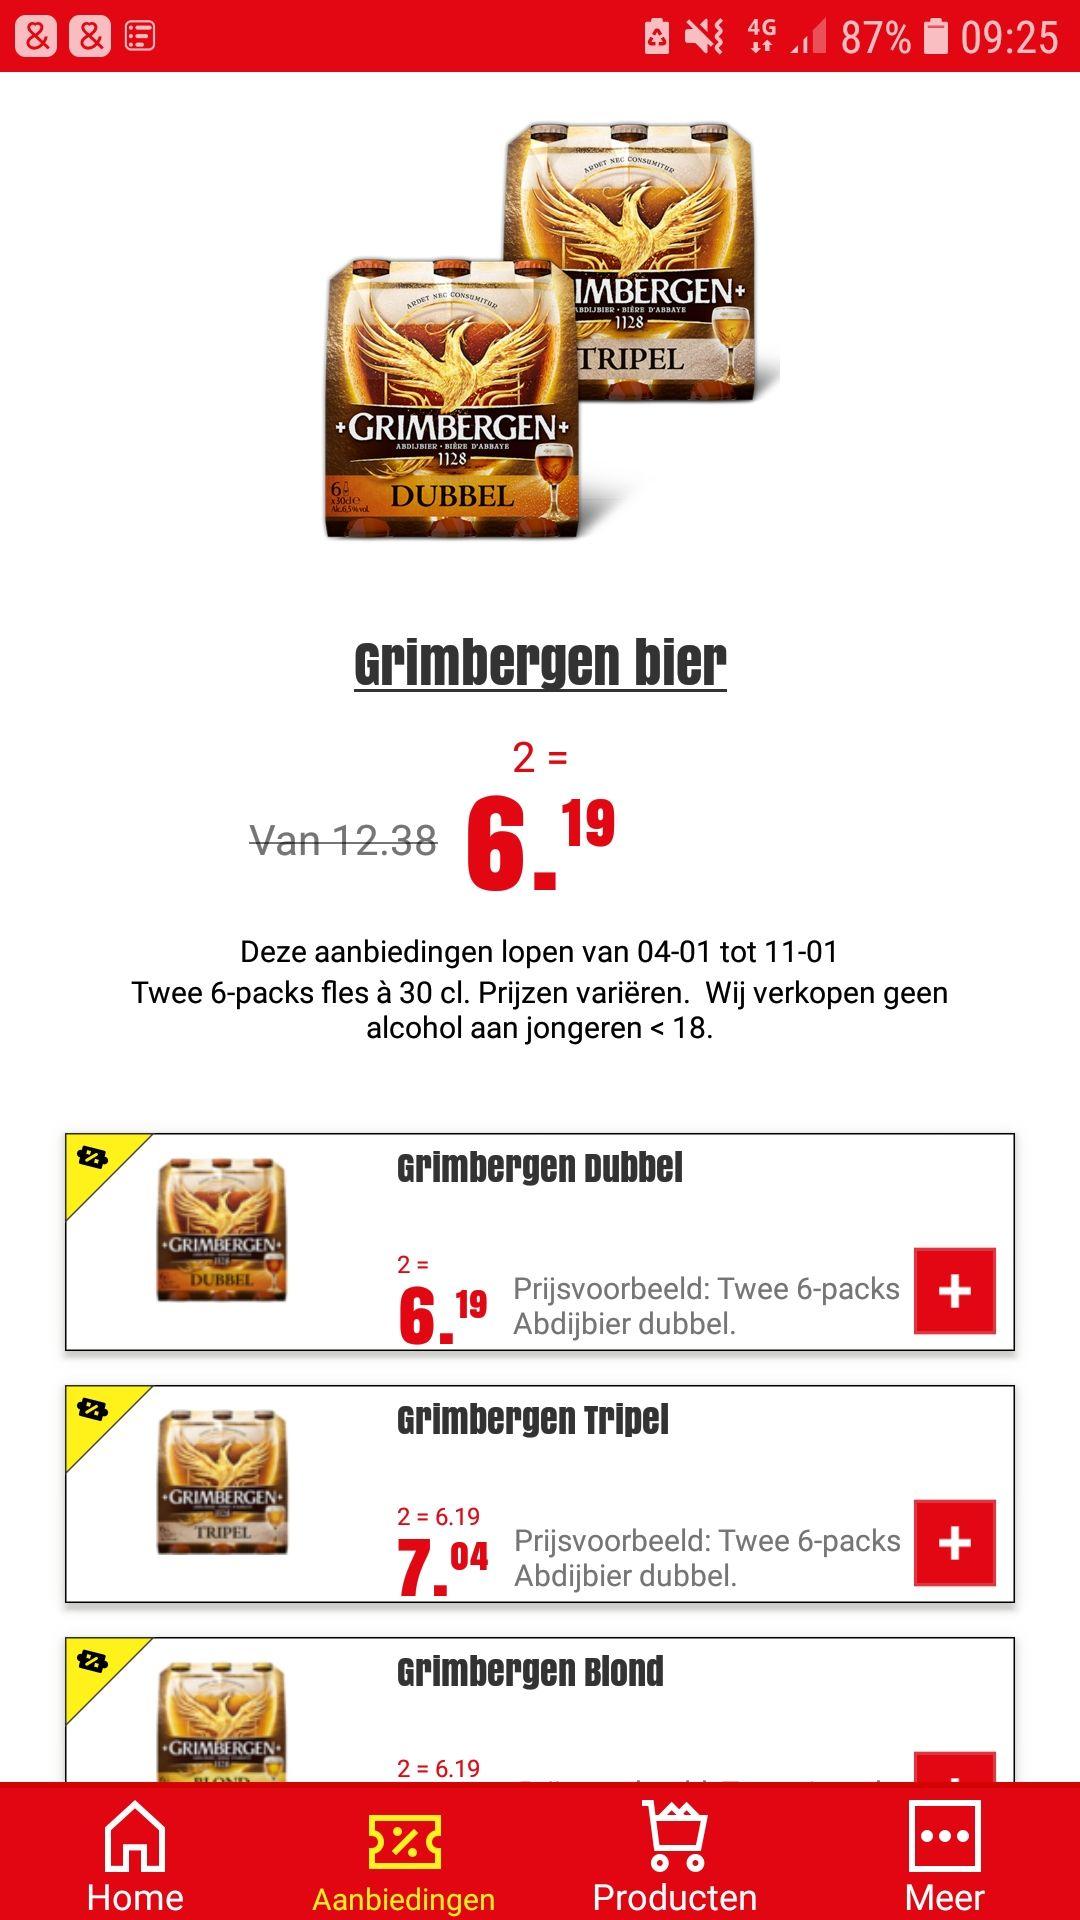 Dirk Grimbergen 2=1